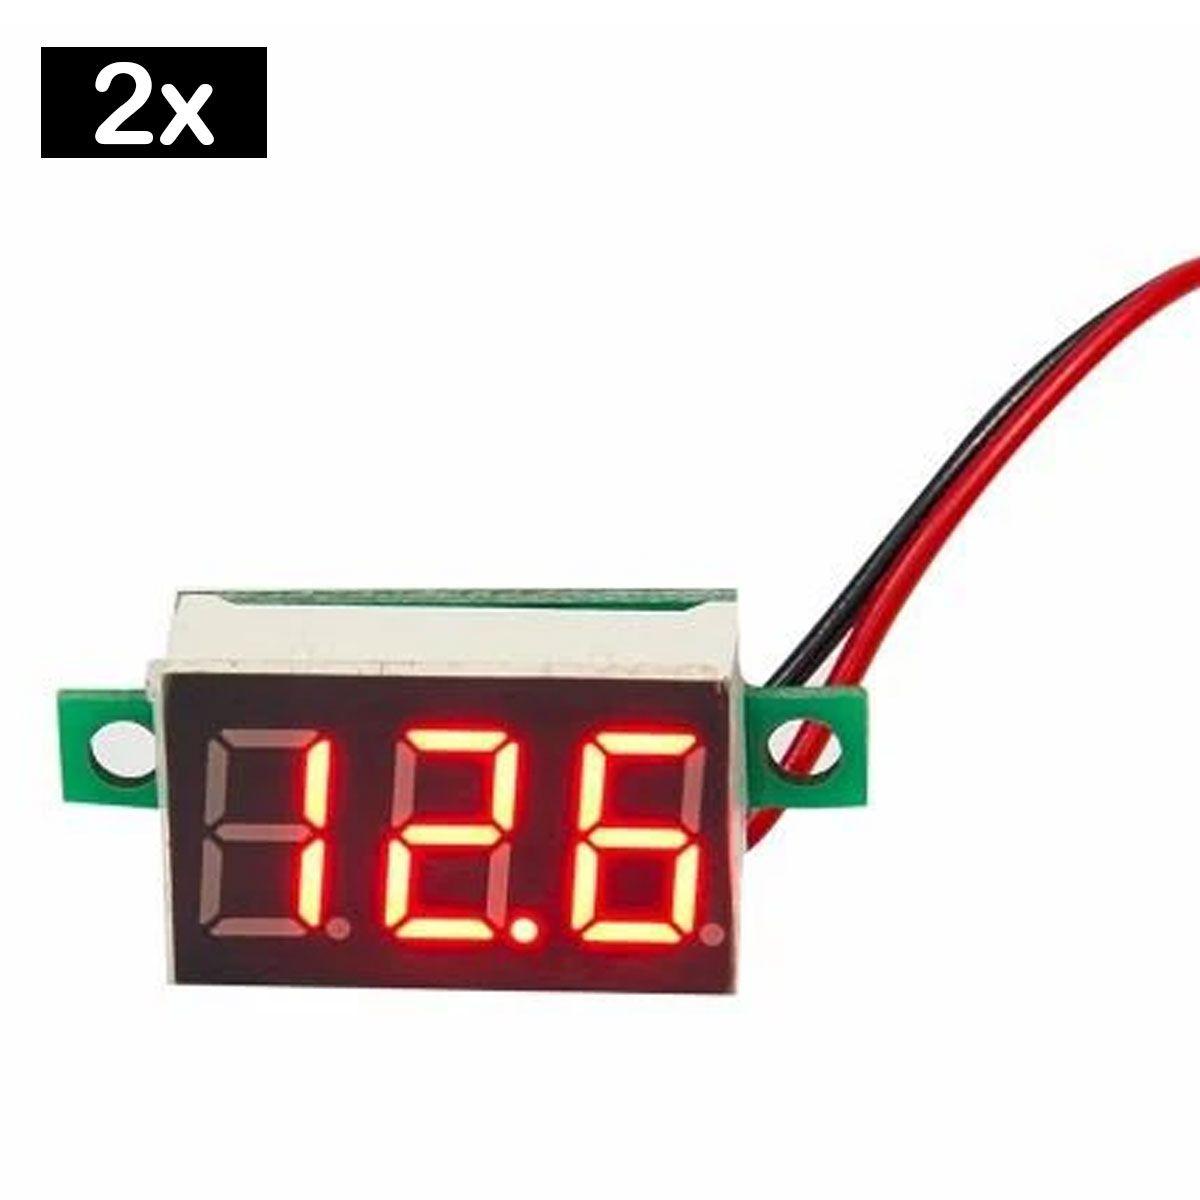 2x Mini Voltímetro Digital 0v a 100v | Display Vermelho